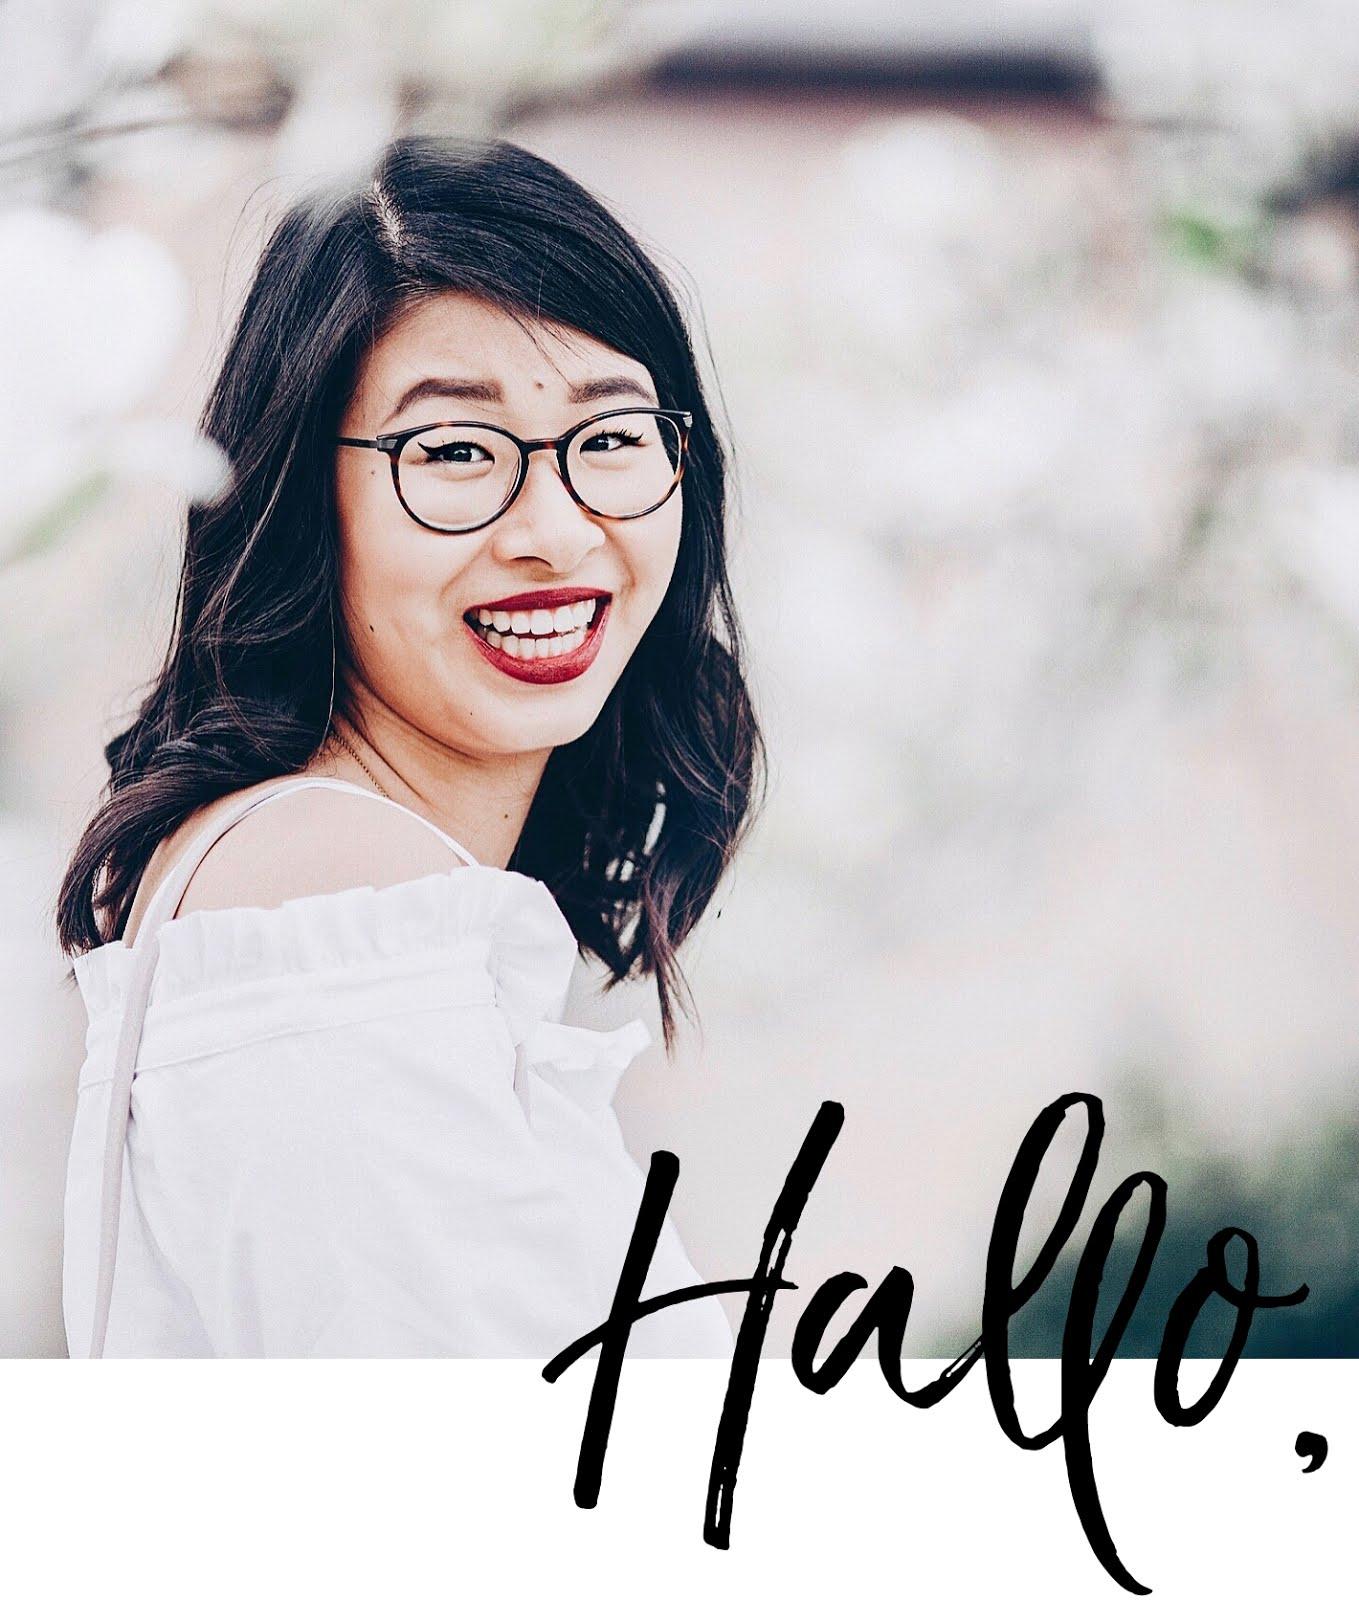 Meet Linh